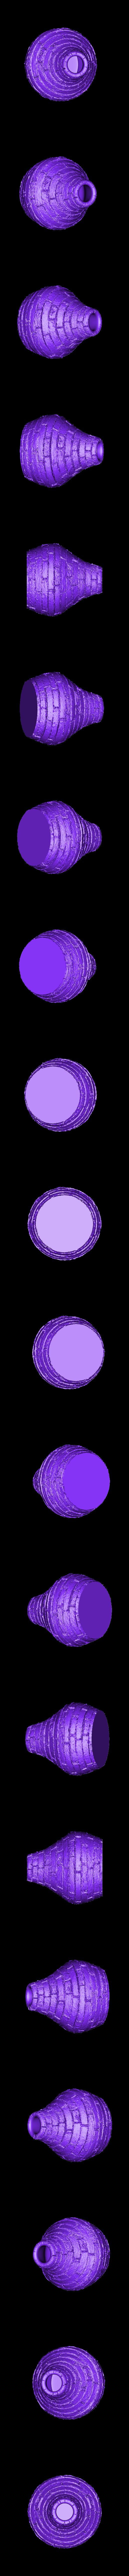 new vase pierre 1.2.stl Télécharger fichier STL X86 Mini vase collection  • Objet imprimable en 3D, motek